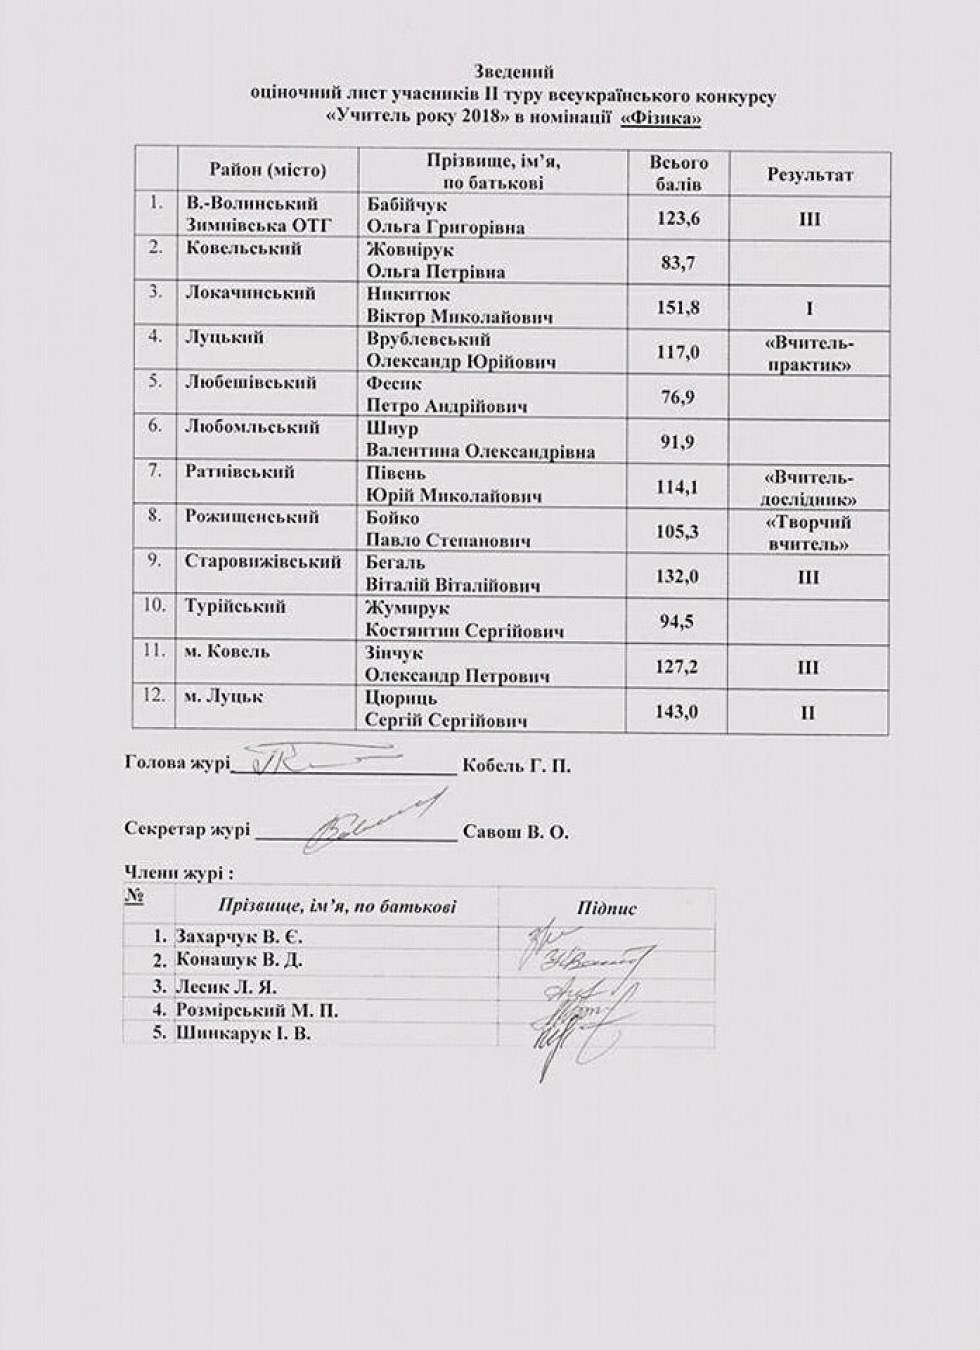 Список учасників конкурсу